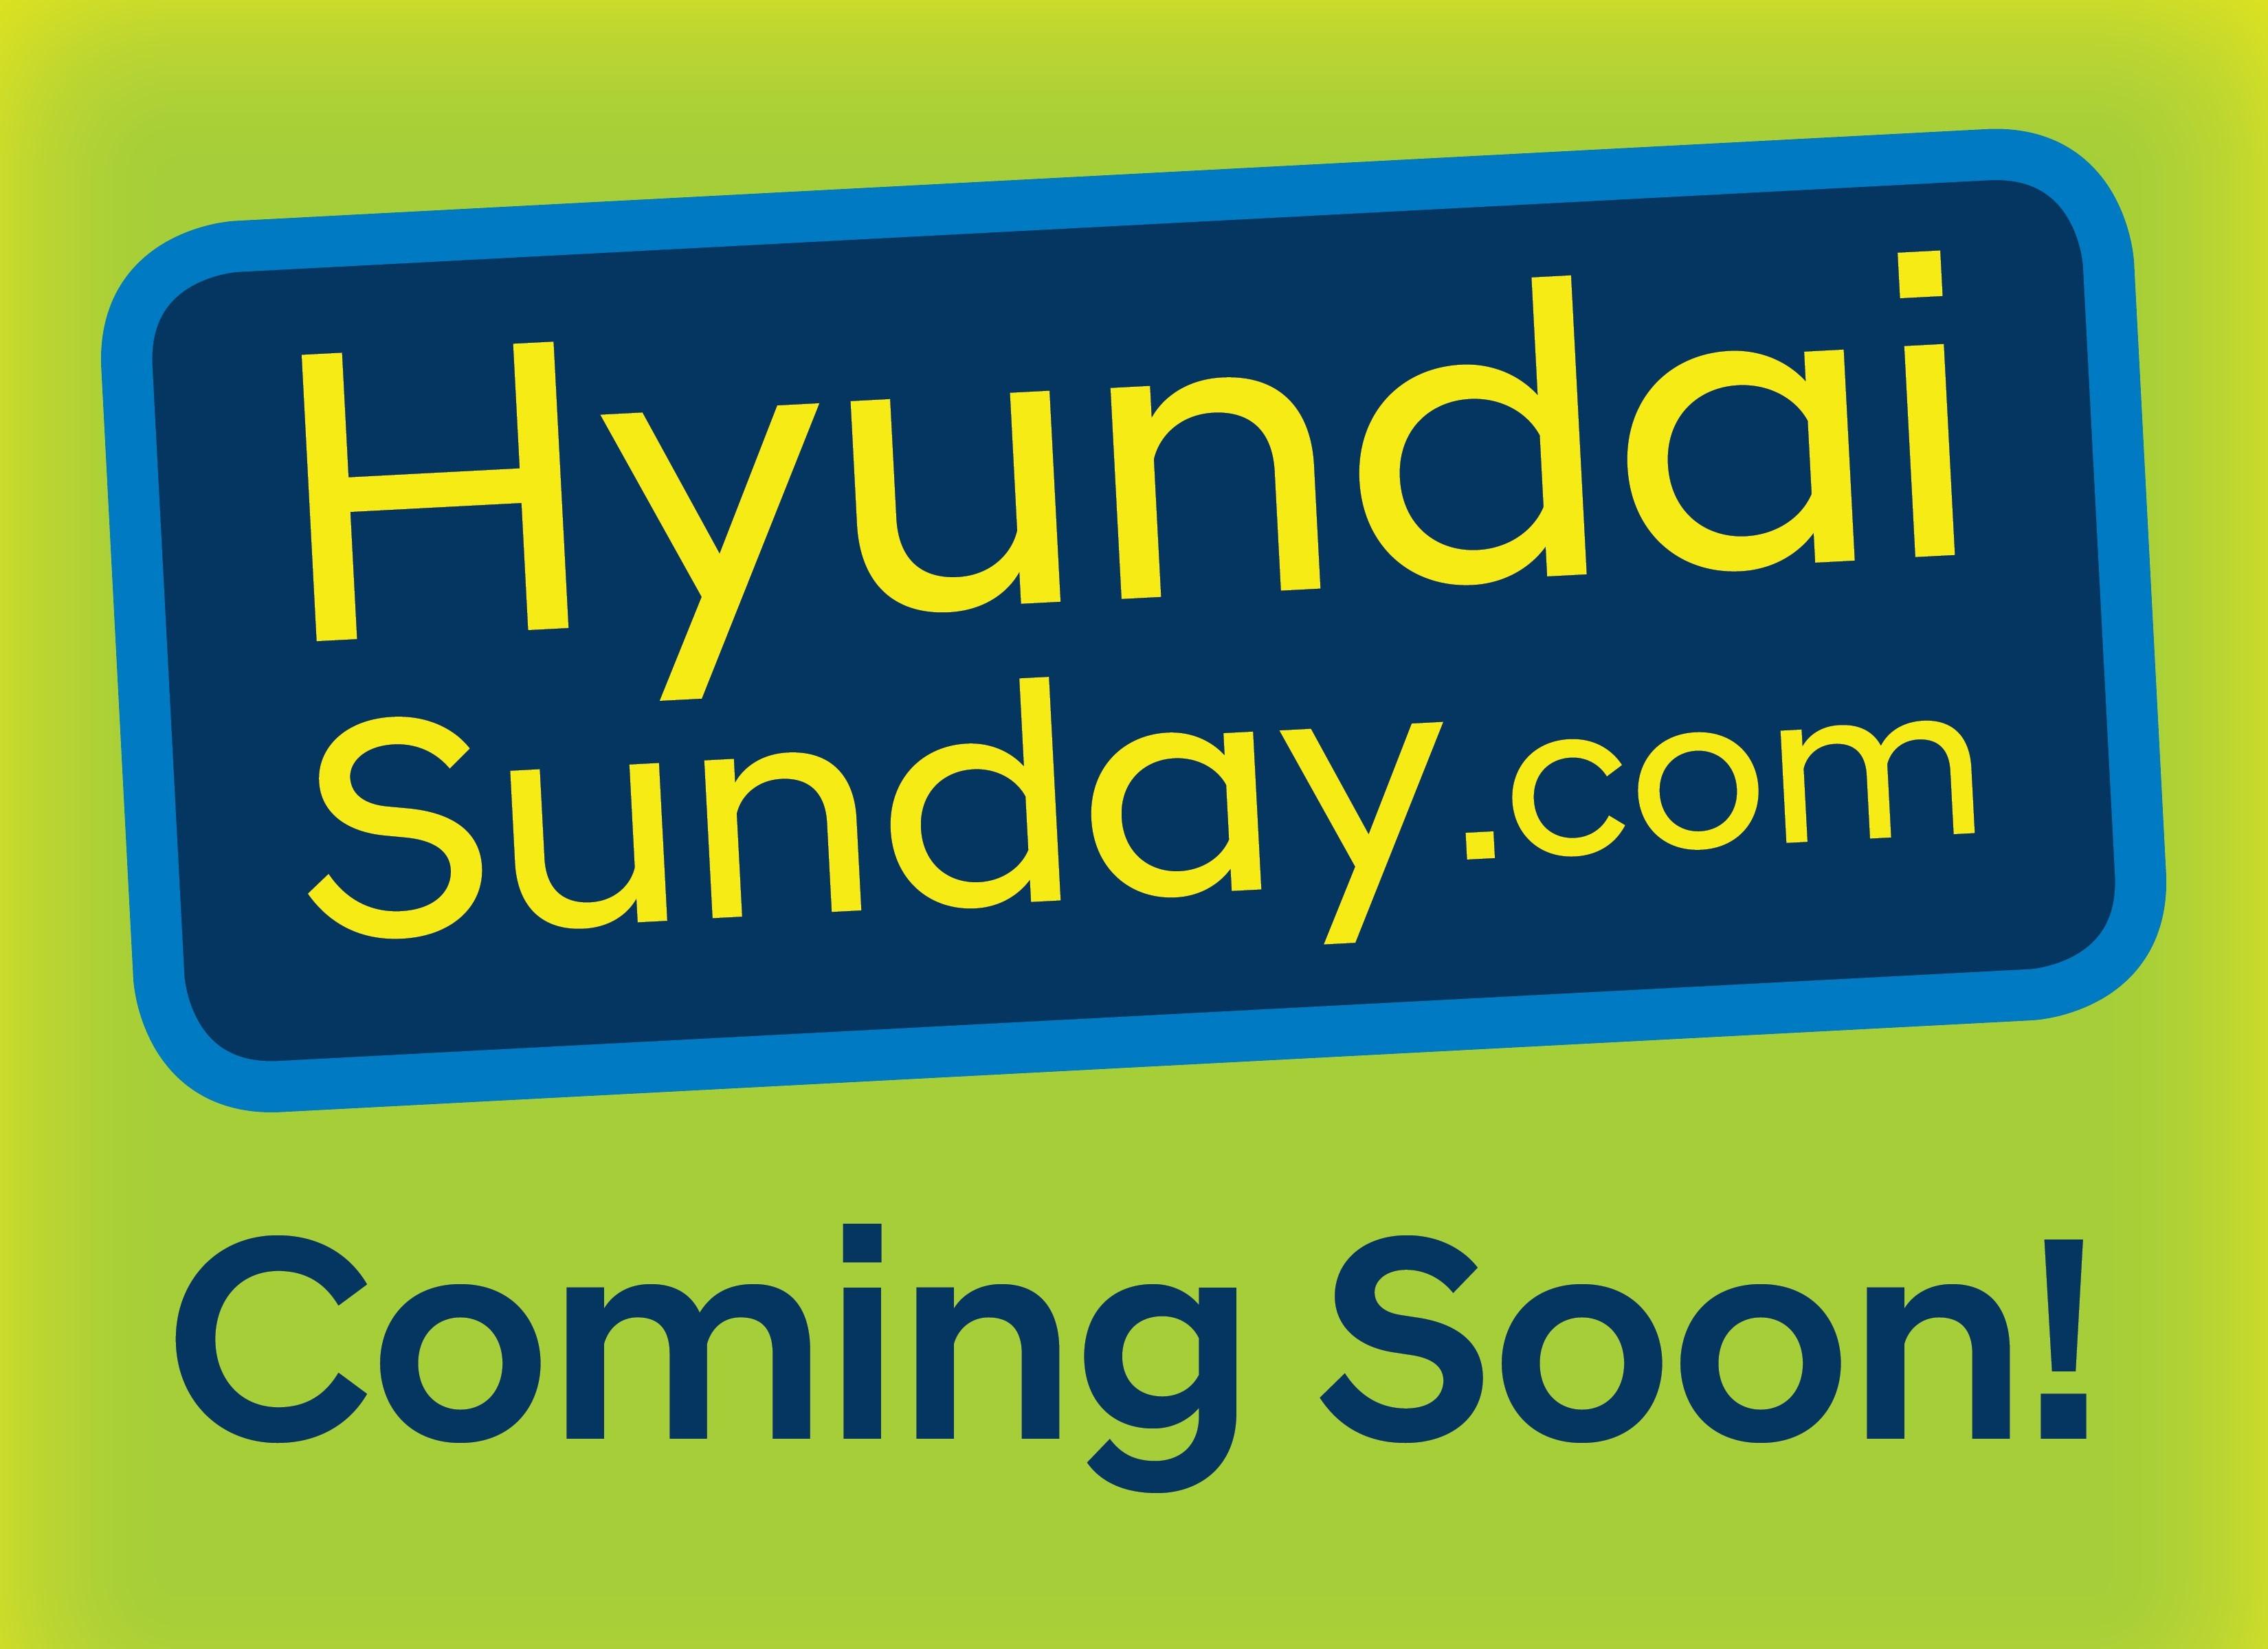 Hyundai Sunday coming soon